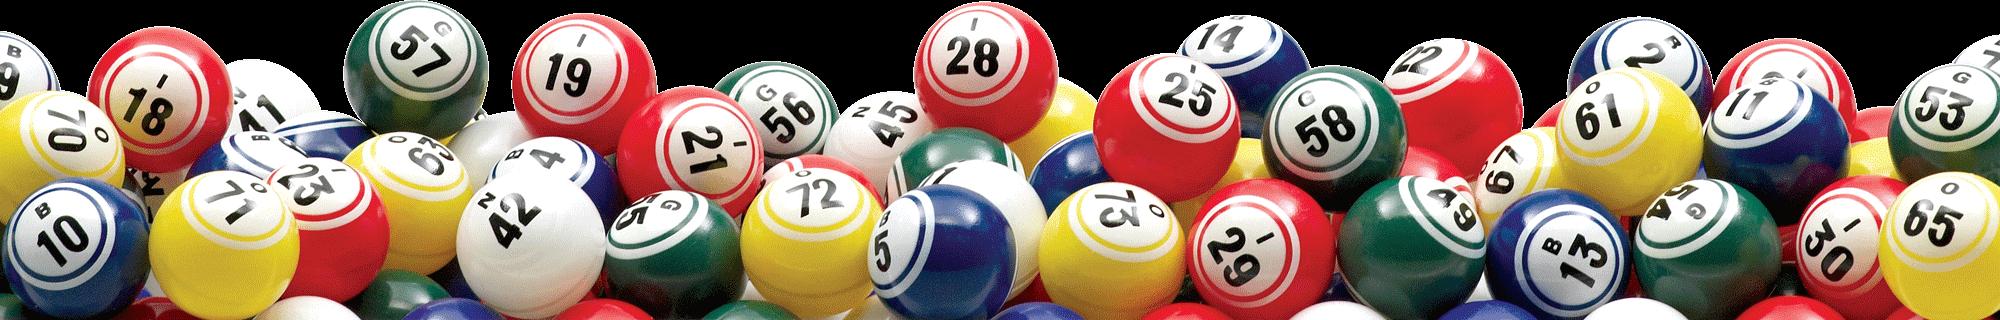 bingoballen header